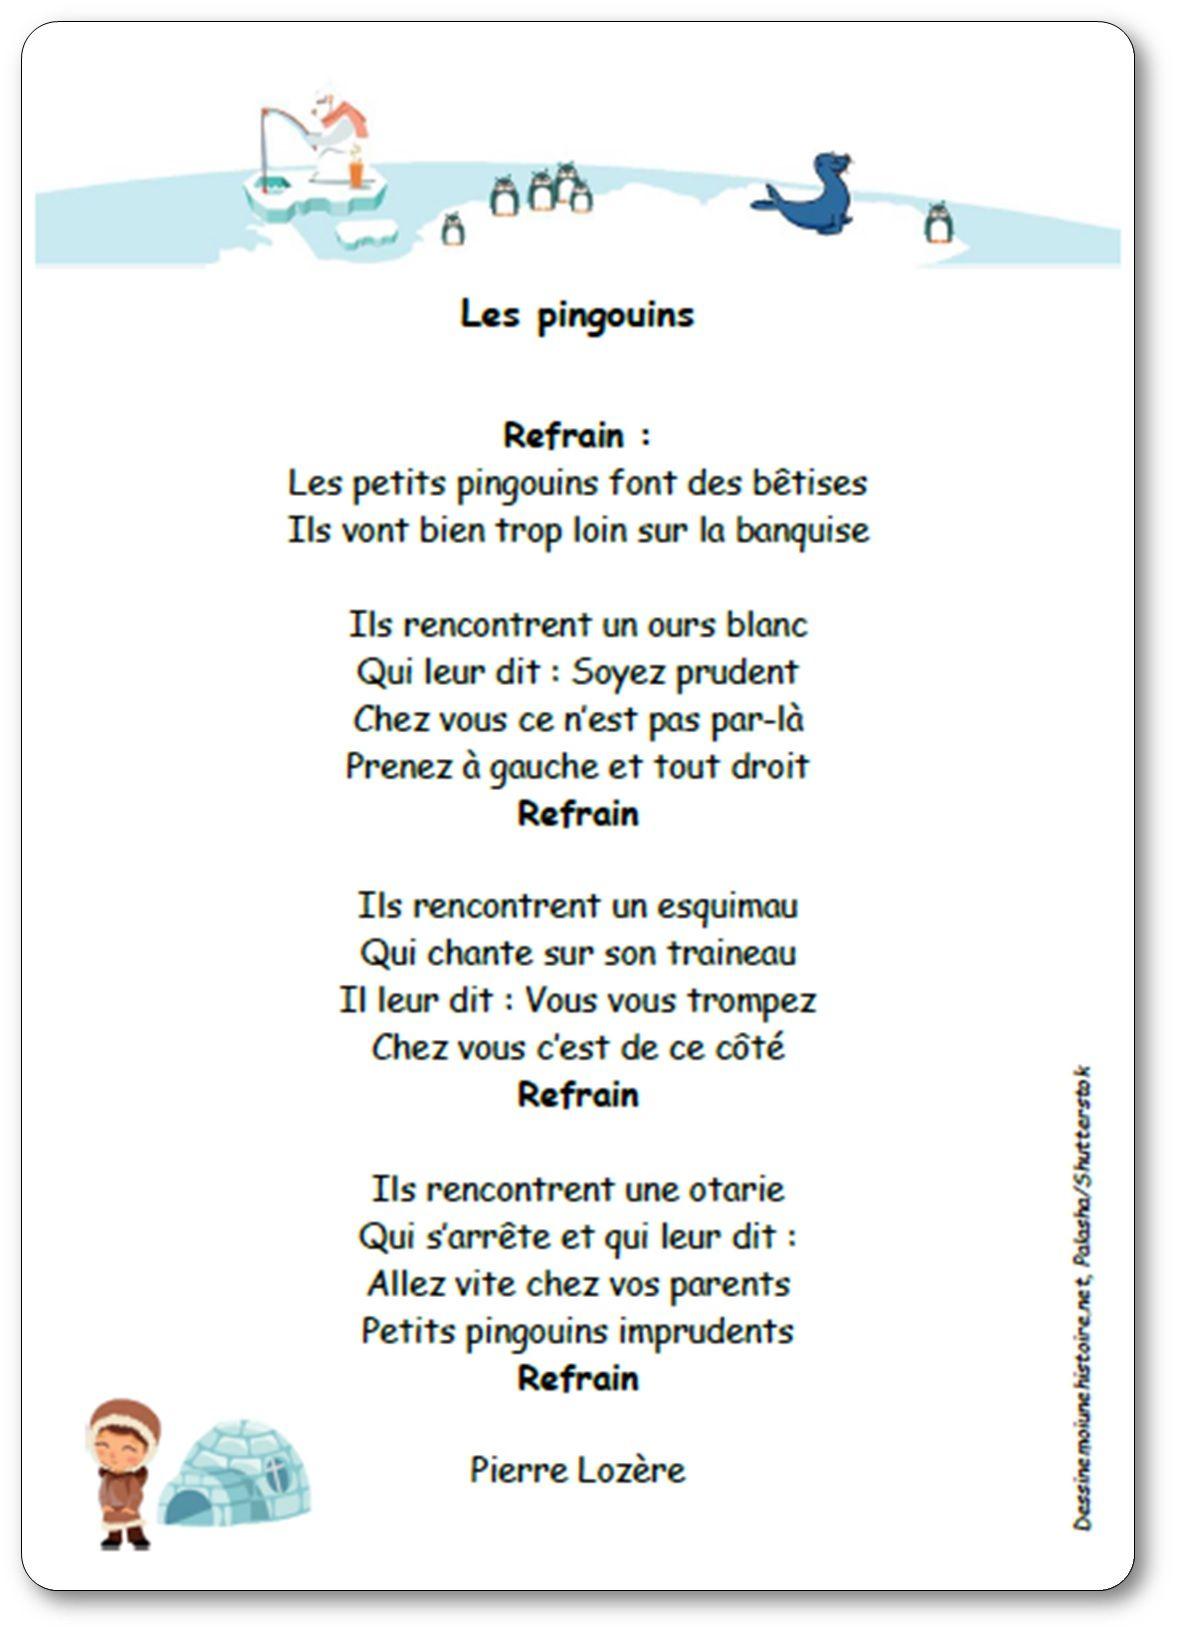 Les Pingouins (Font Des Bêtises) De Pierre Lozère - Chanson à Dans La Nuit De L Hiver Chanson